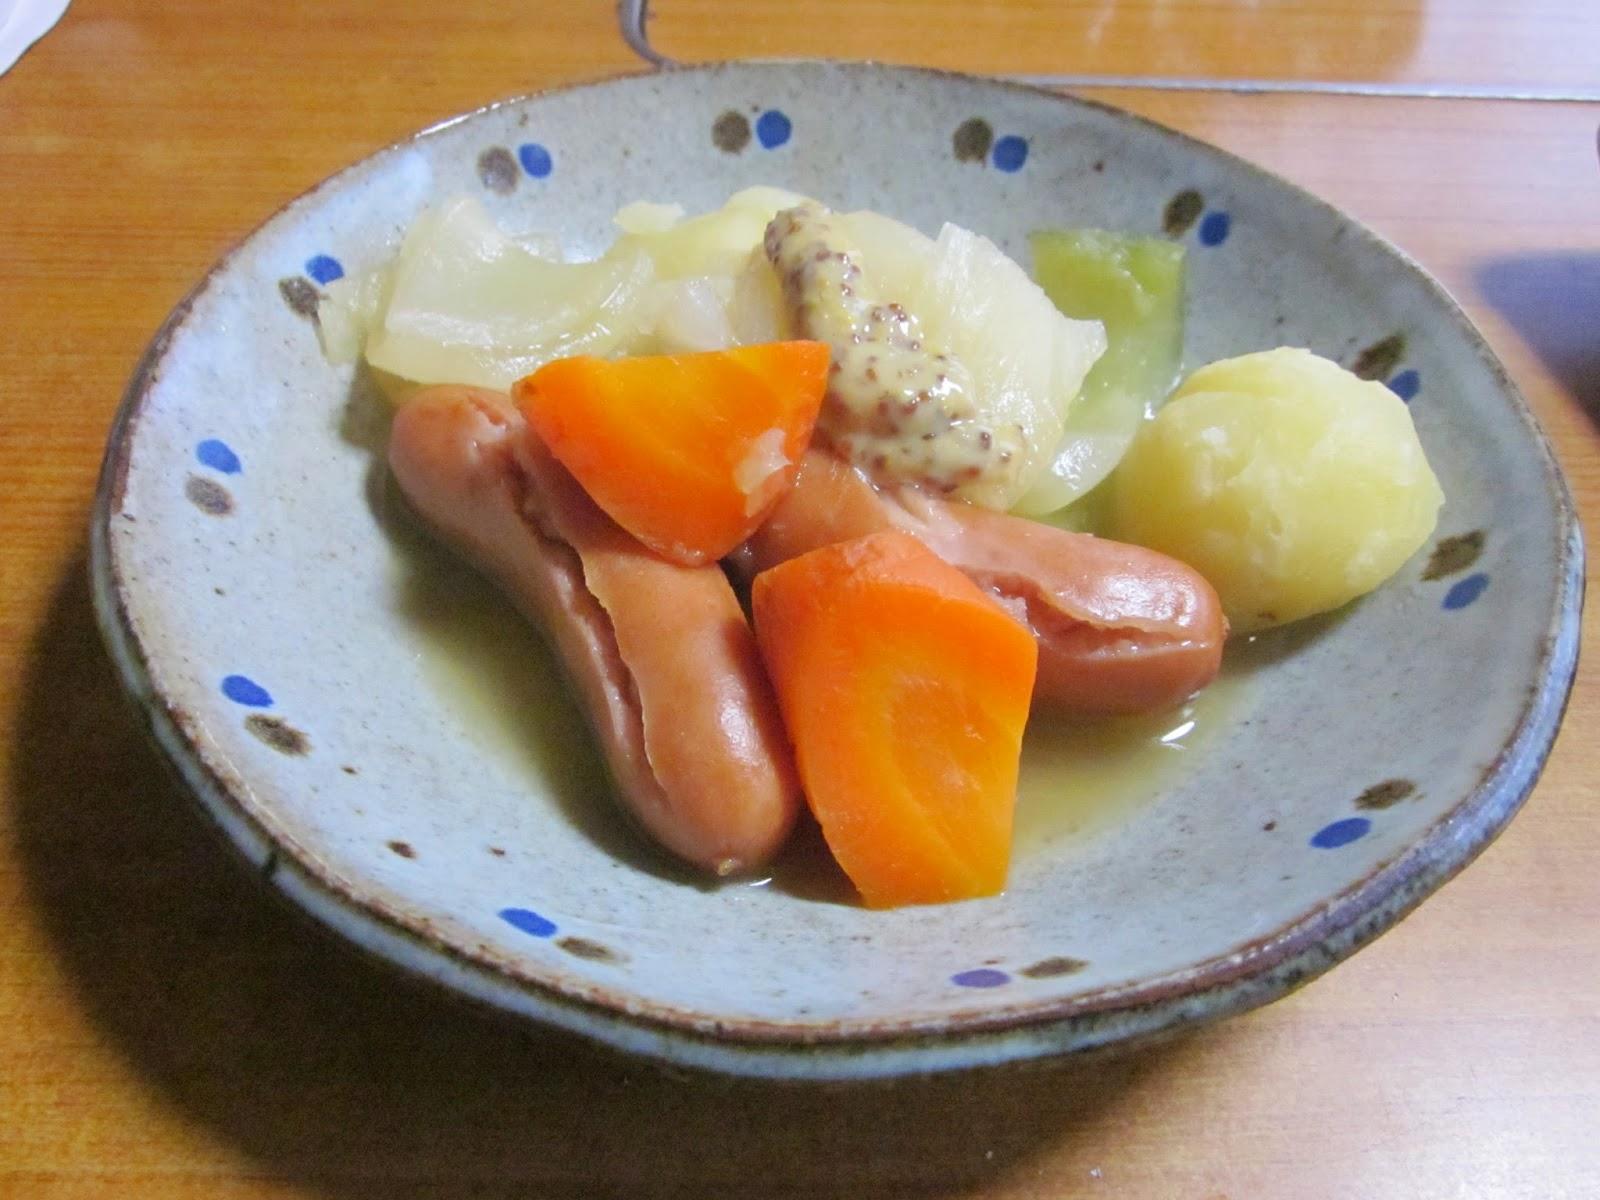 NHKきょうの料理ビギナーズ「塩豚のポトフ」のレ …